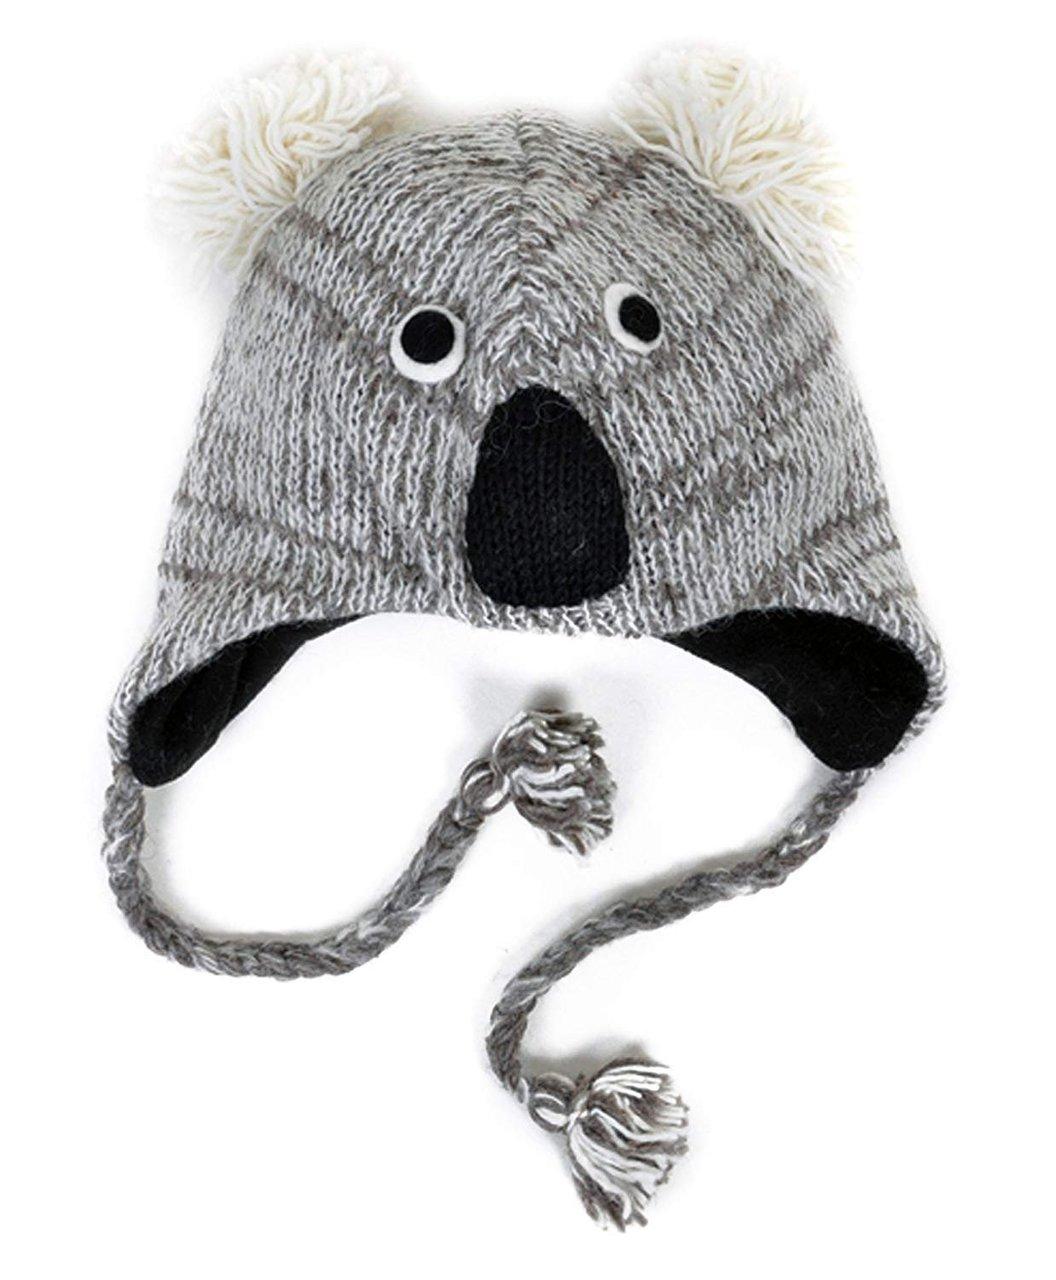 Collection 2 BG Hat-imals Plush Animal Winter Hats